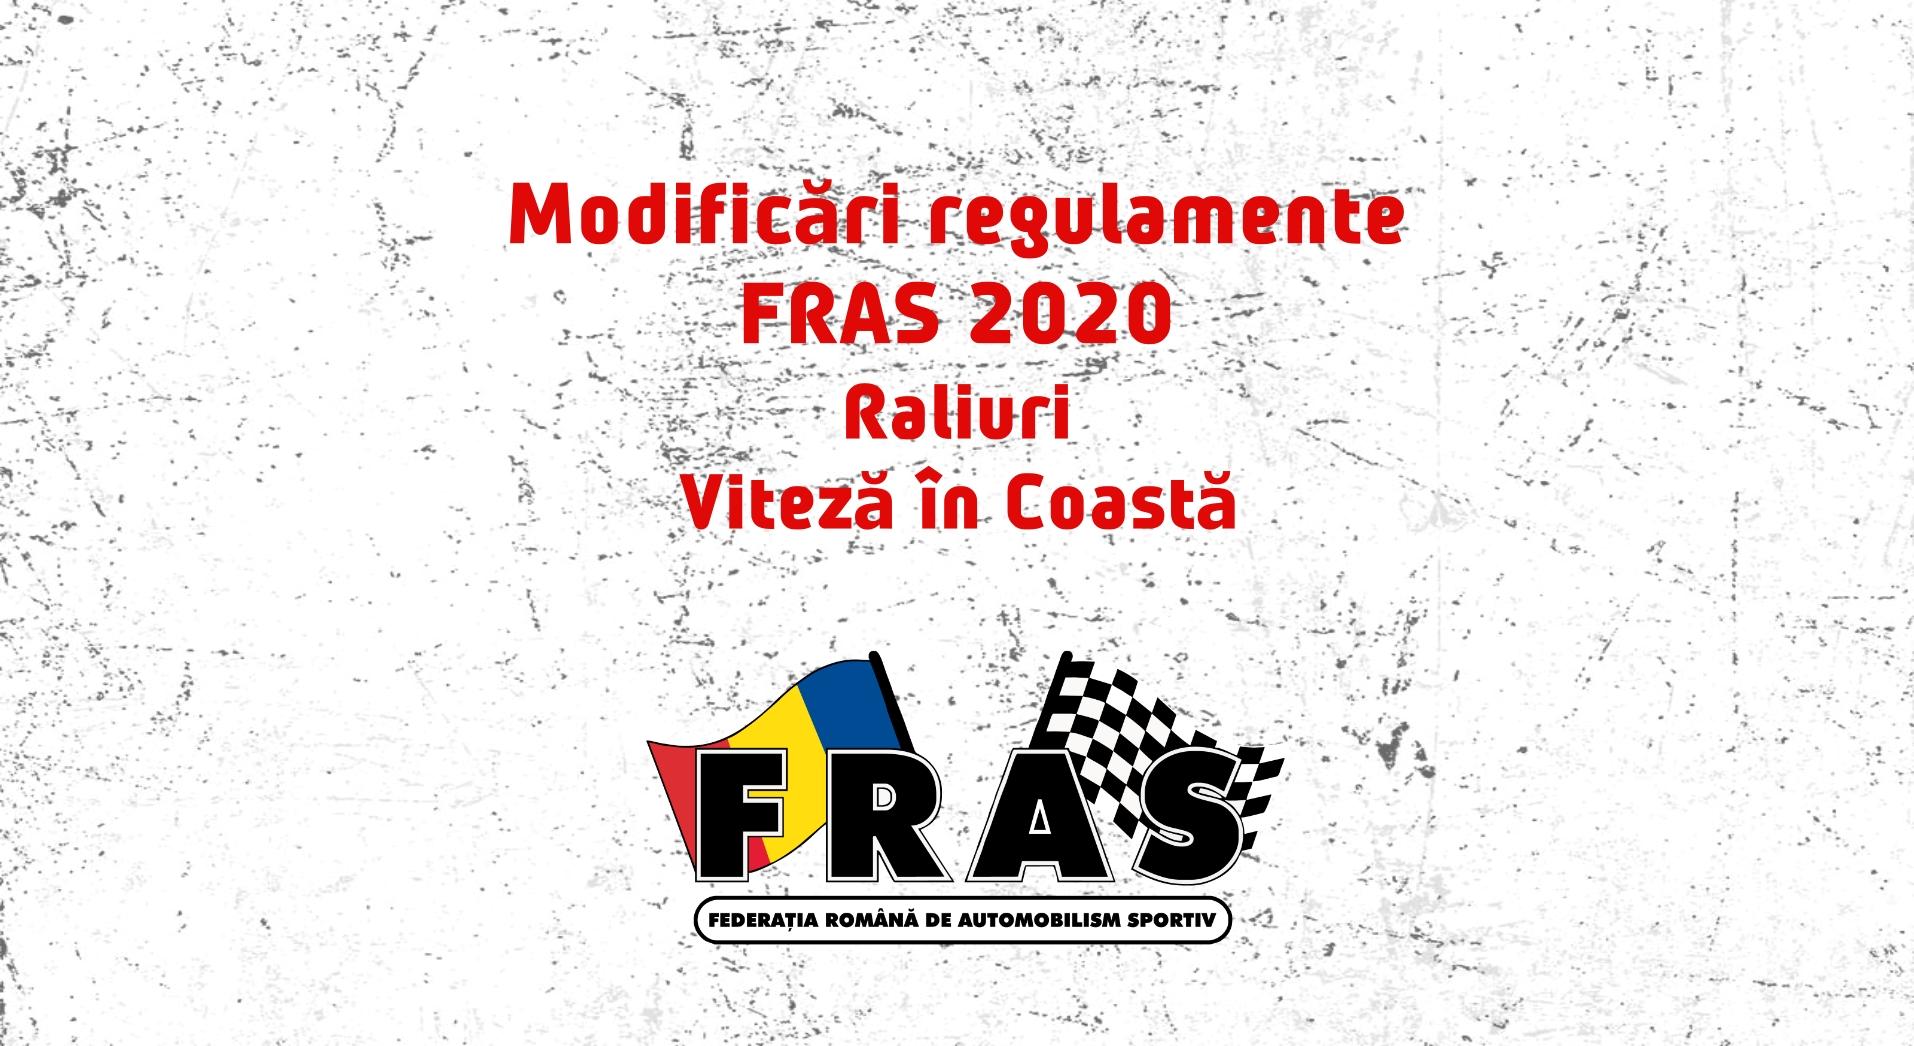 Modificari regulamente pentru Raliu si Viteza in Coasta 2020 – din cauza COVID-19